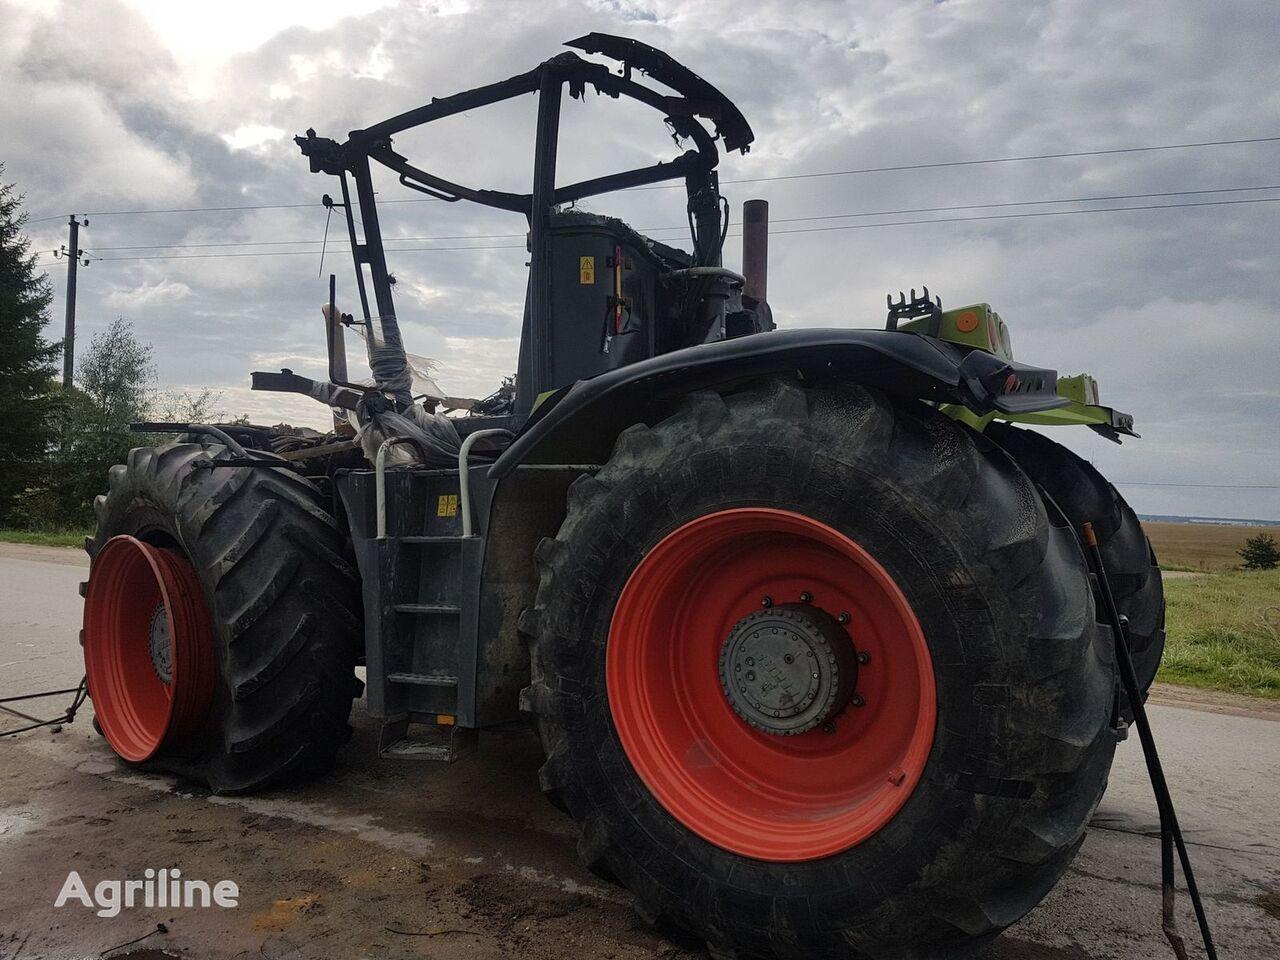 vente des tracteurs roues claas xerion 3800 apr s. Black Bedroom Furniture Sets. Home Design Ideas